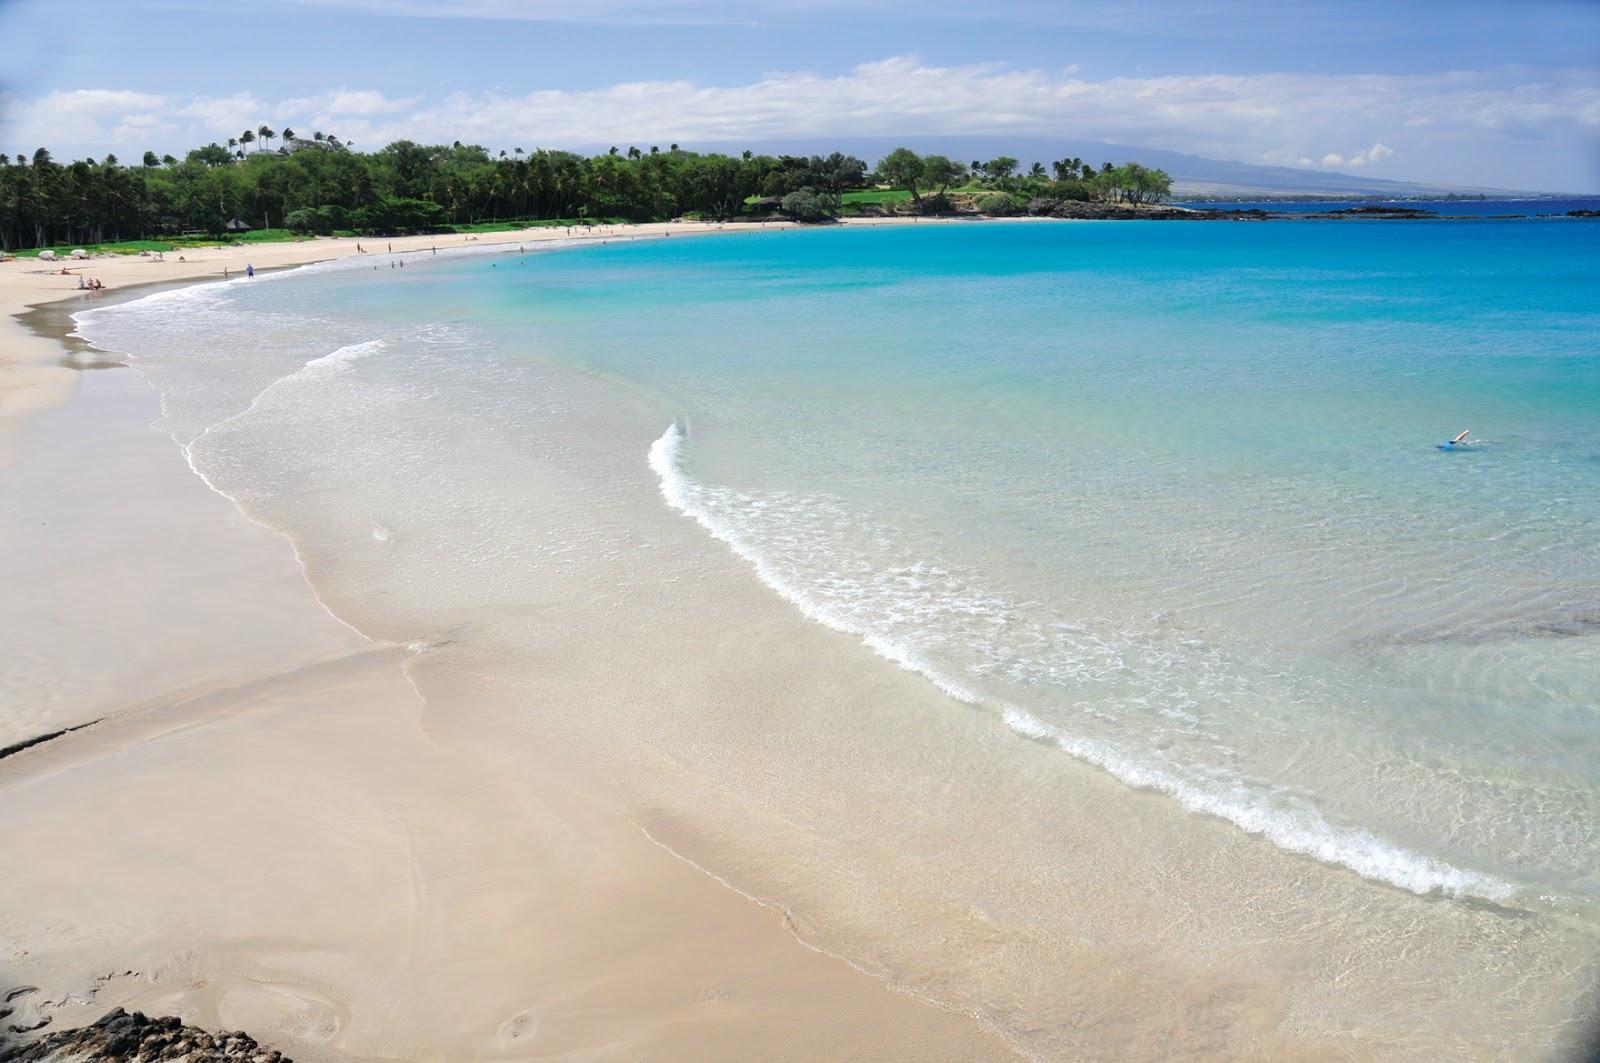 Trailblazer Hawaii Hapuna Beach State Park Divine